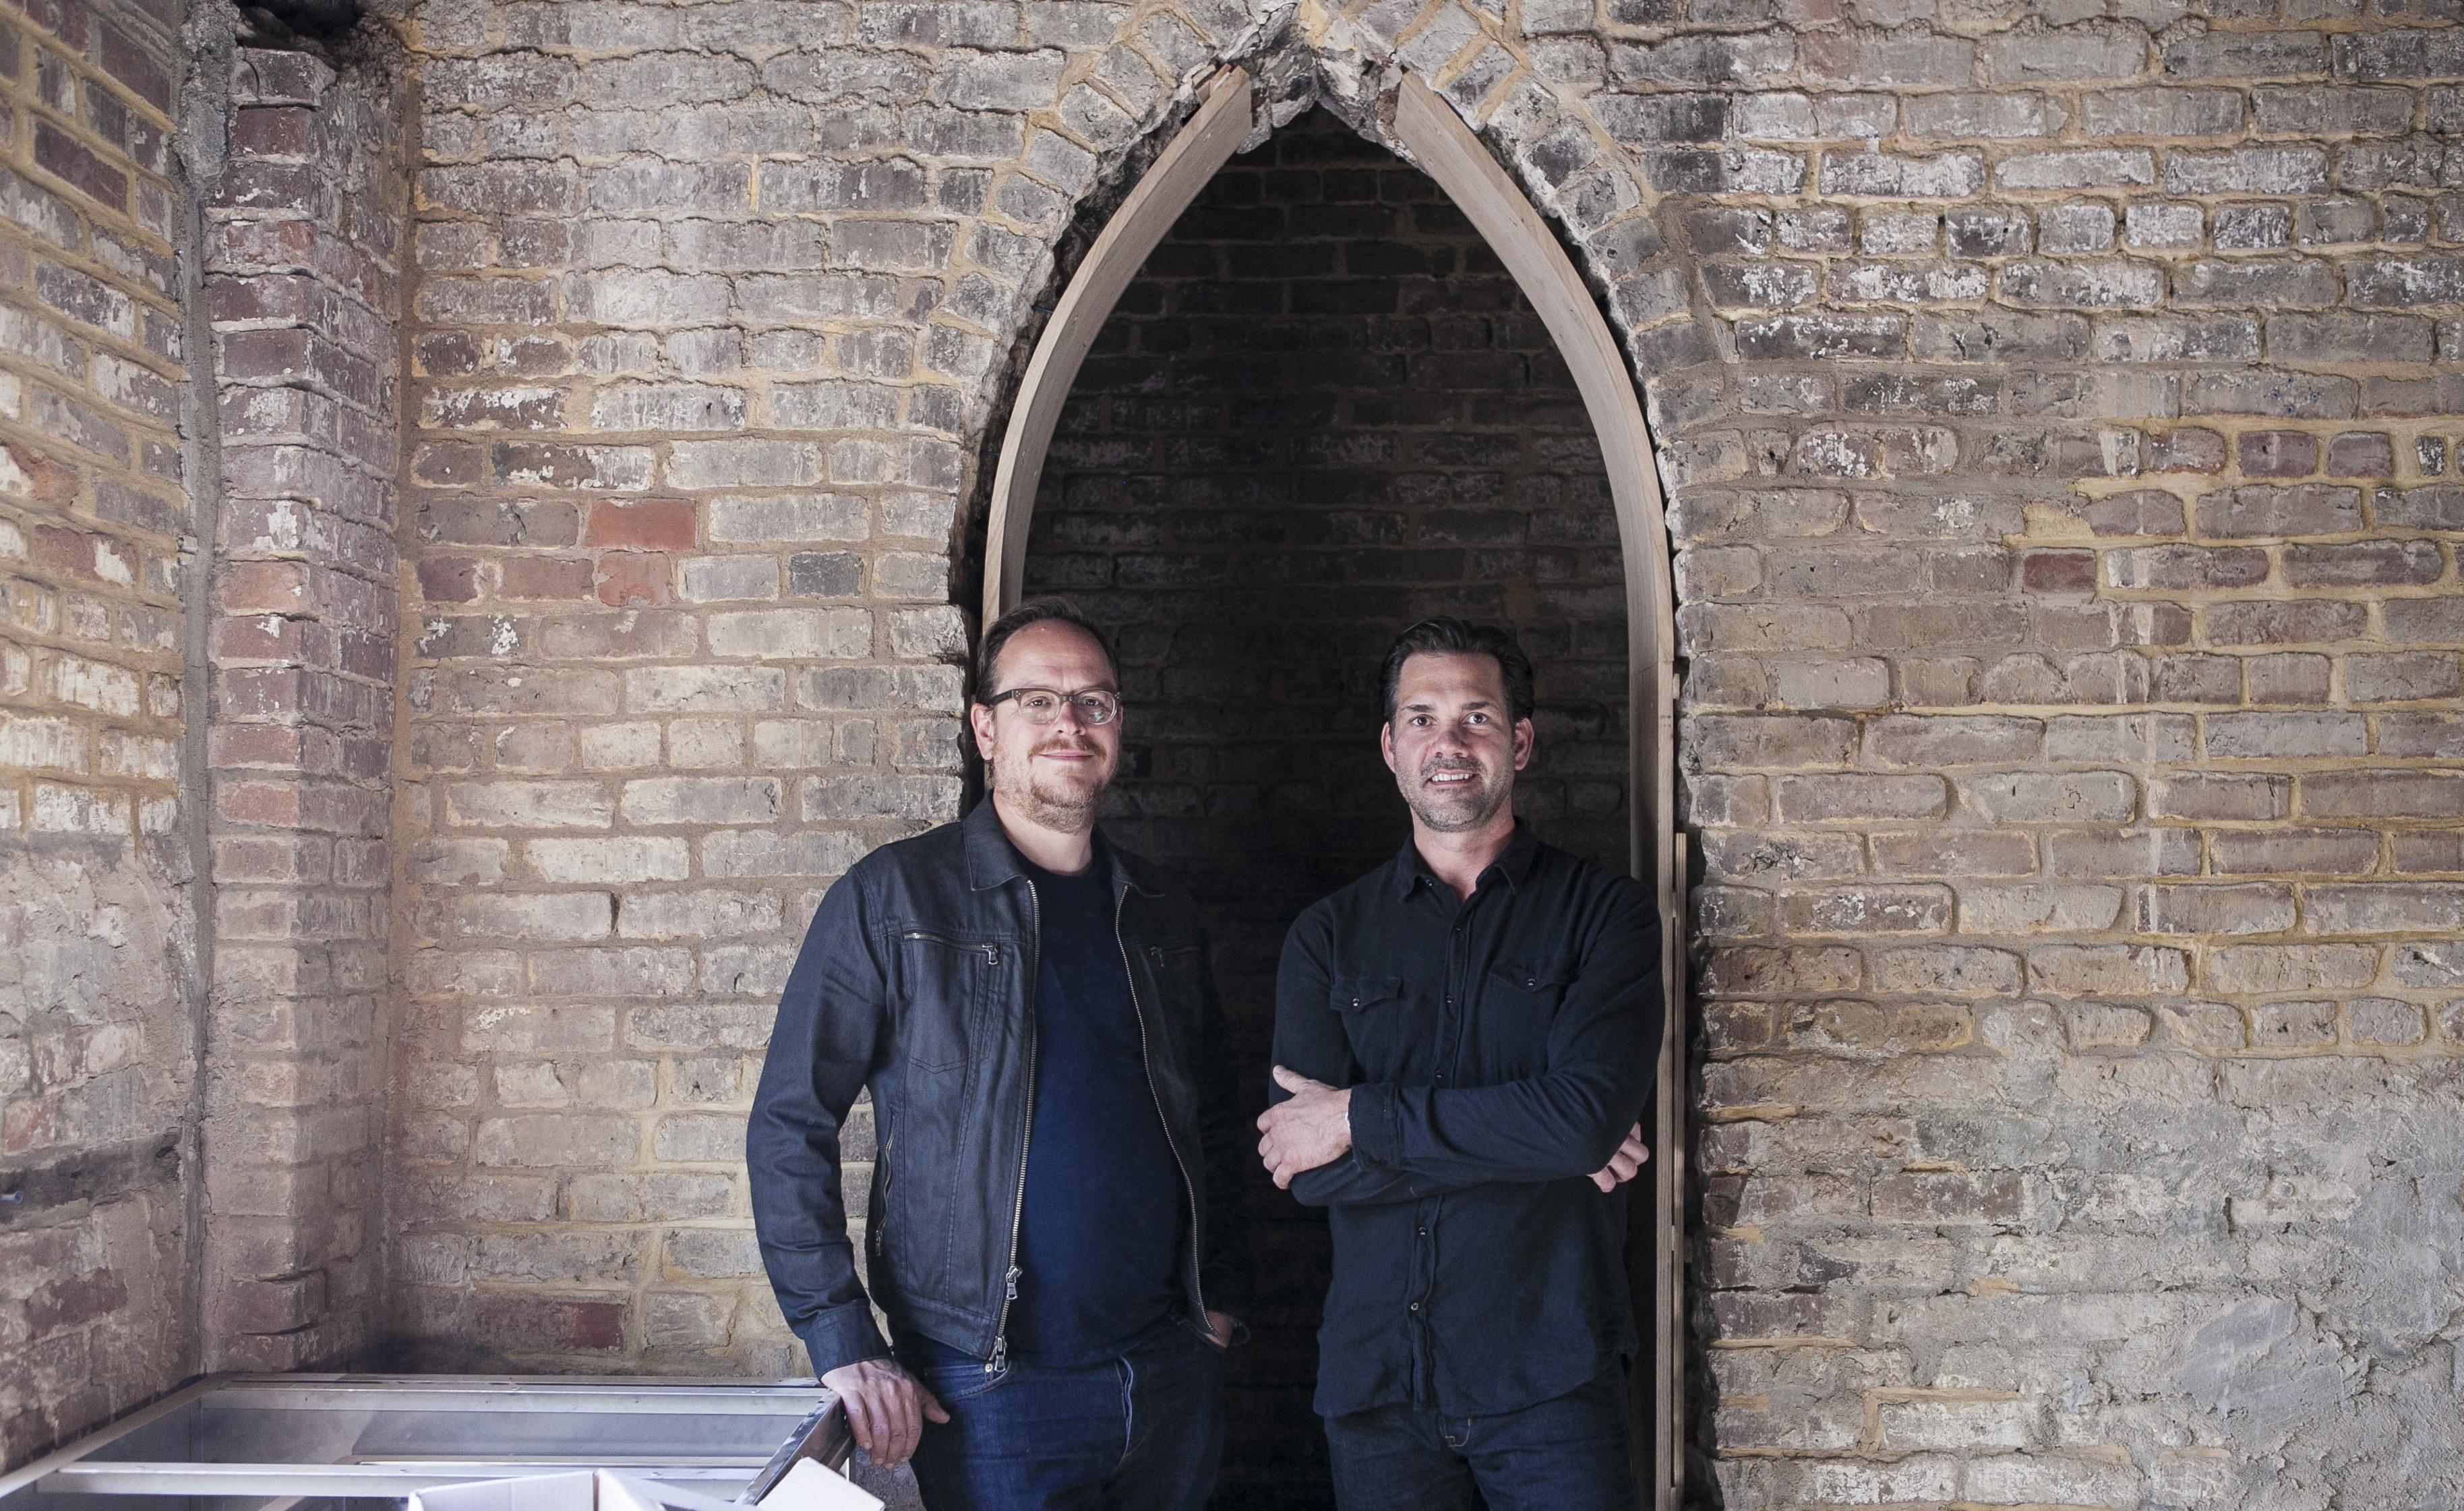 Damon Wise and Jonathan Buckley